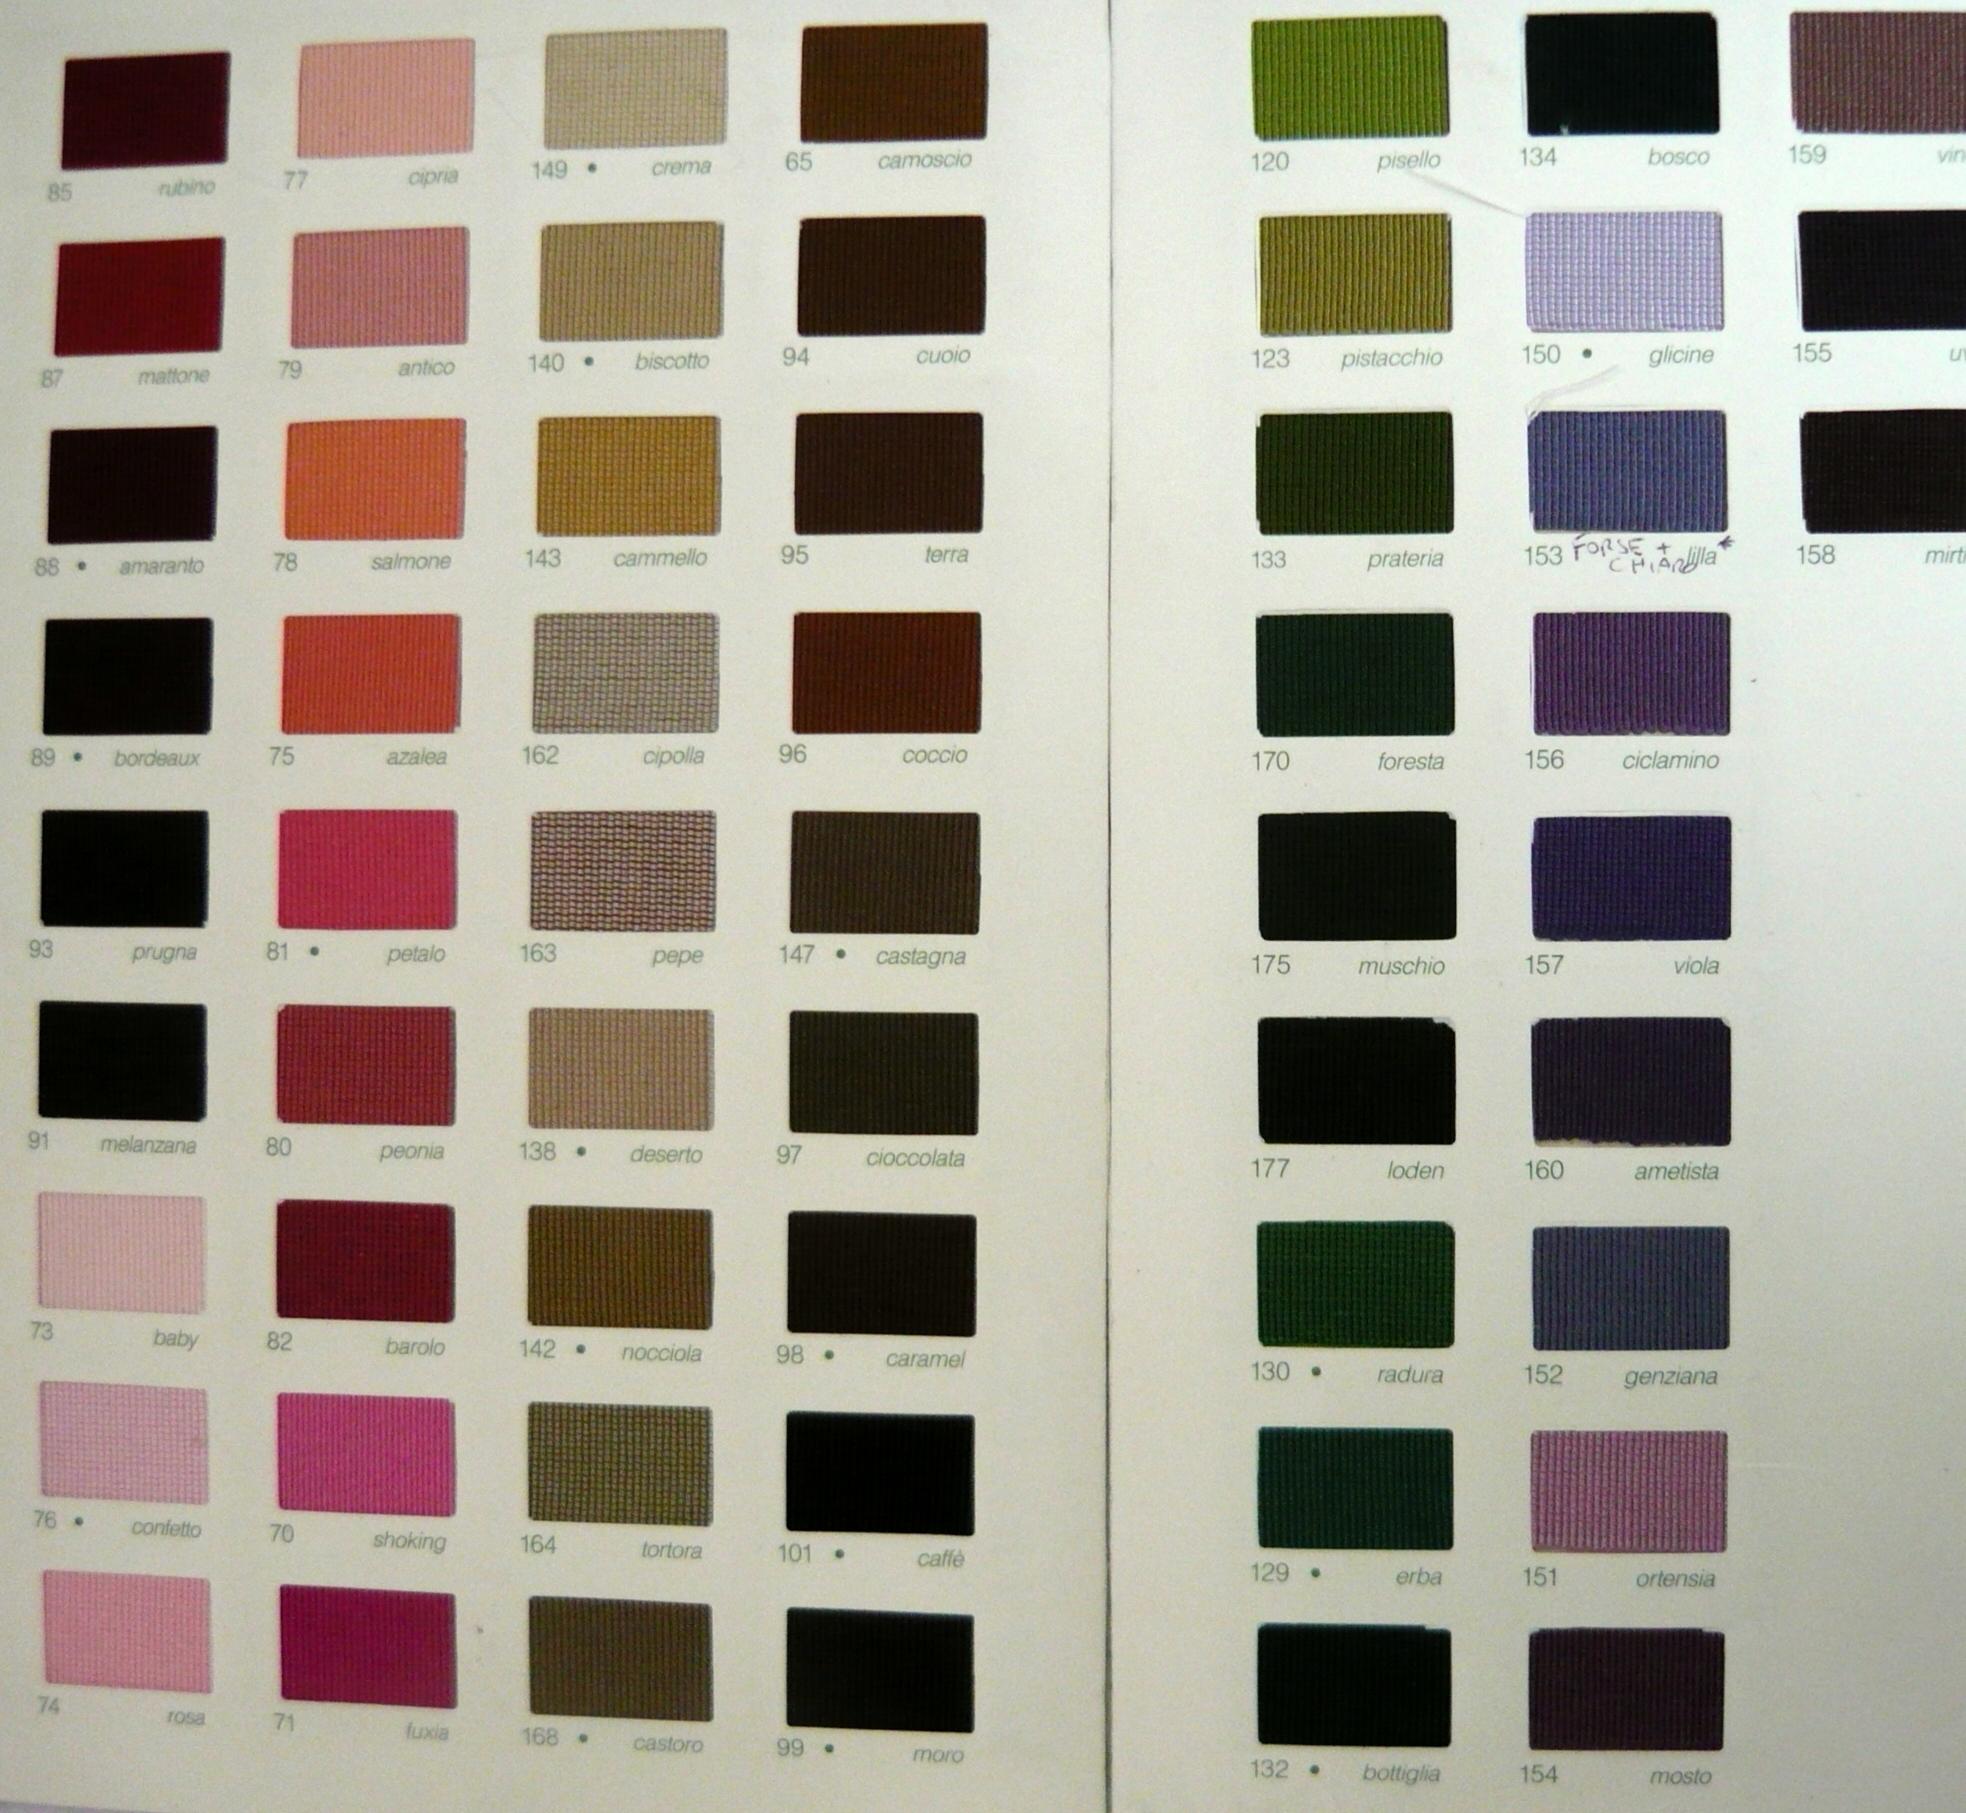 colori gro 2